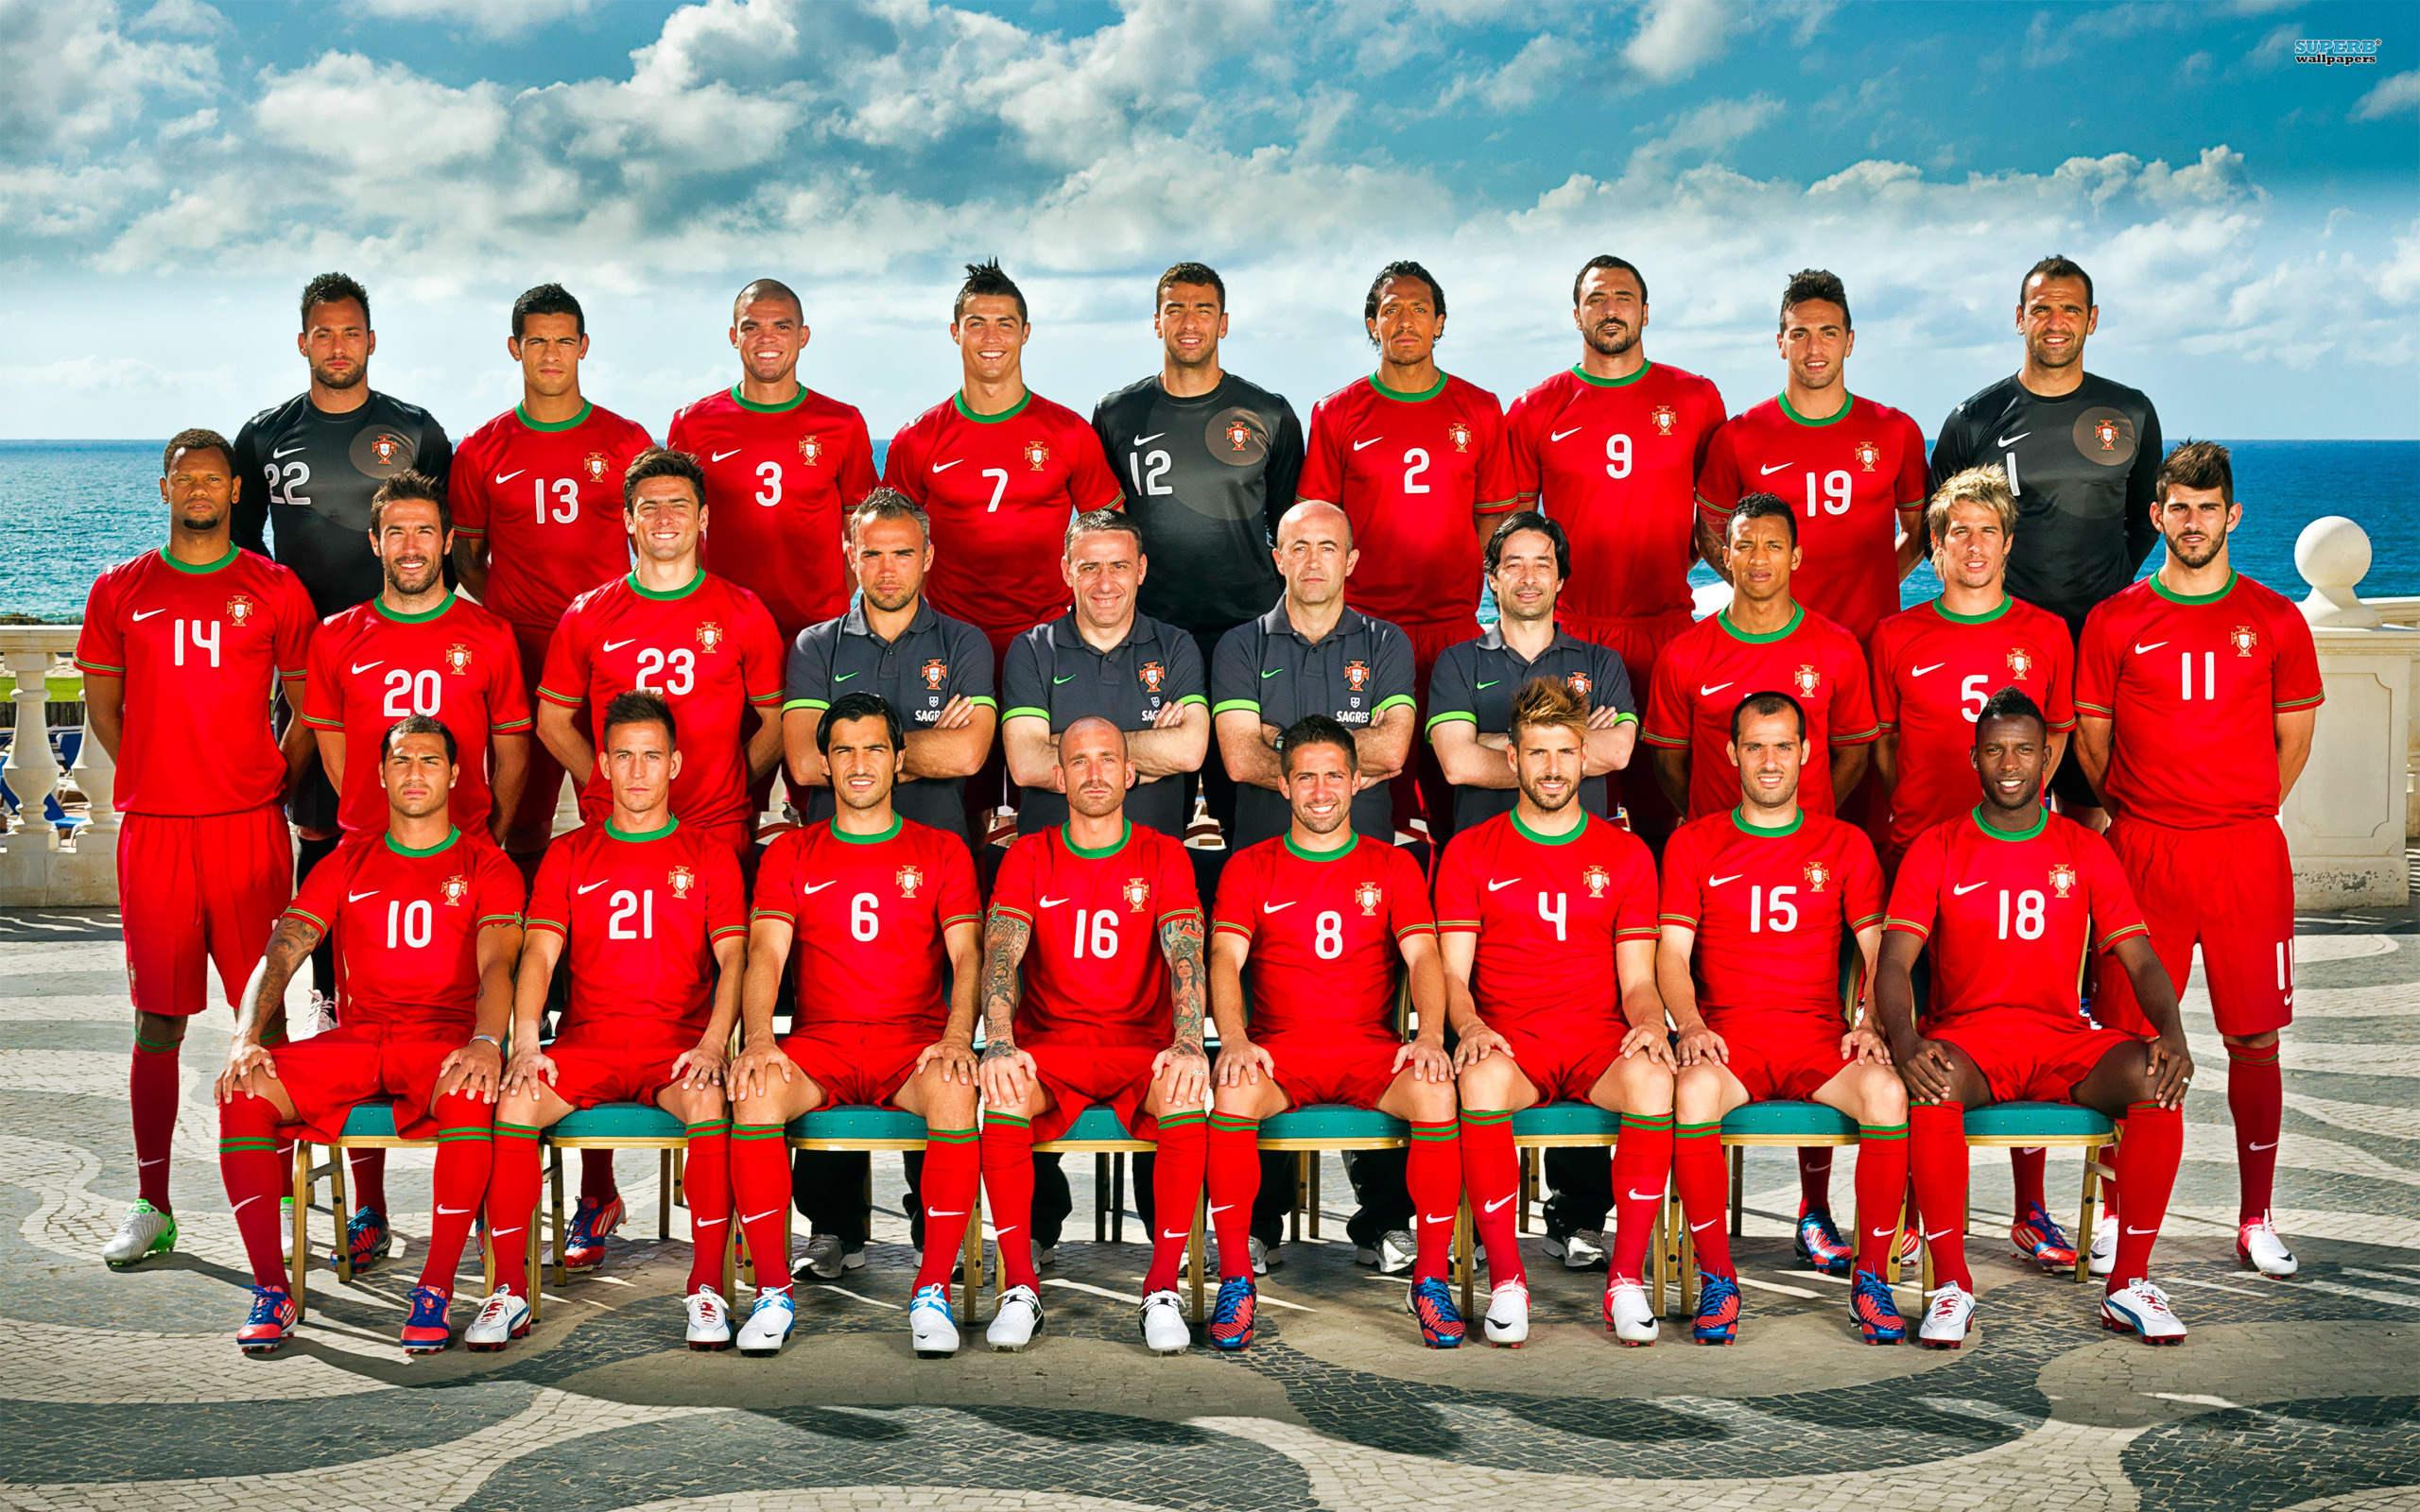 Hilo de la selección de Portugal Euro-2012